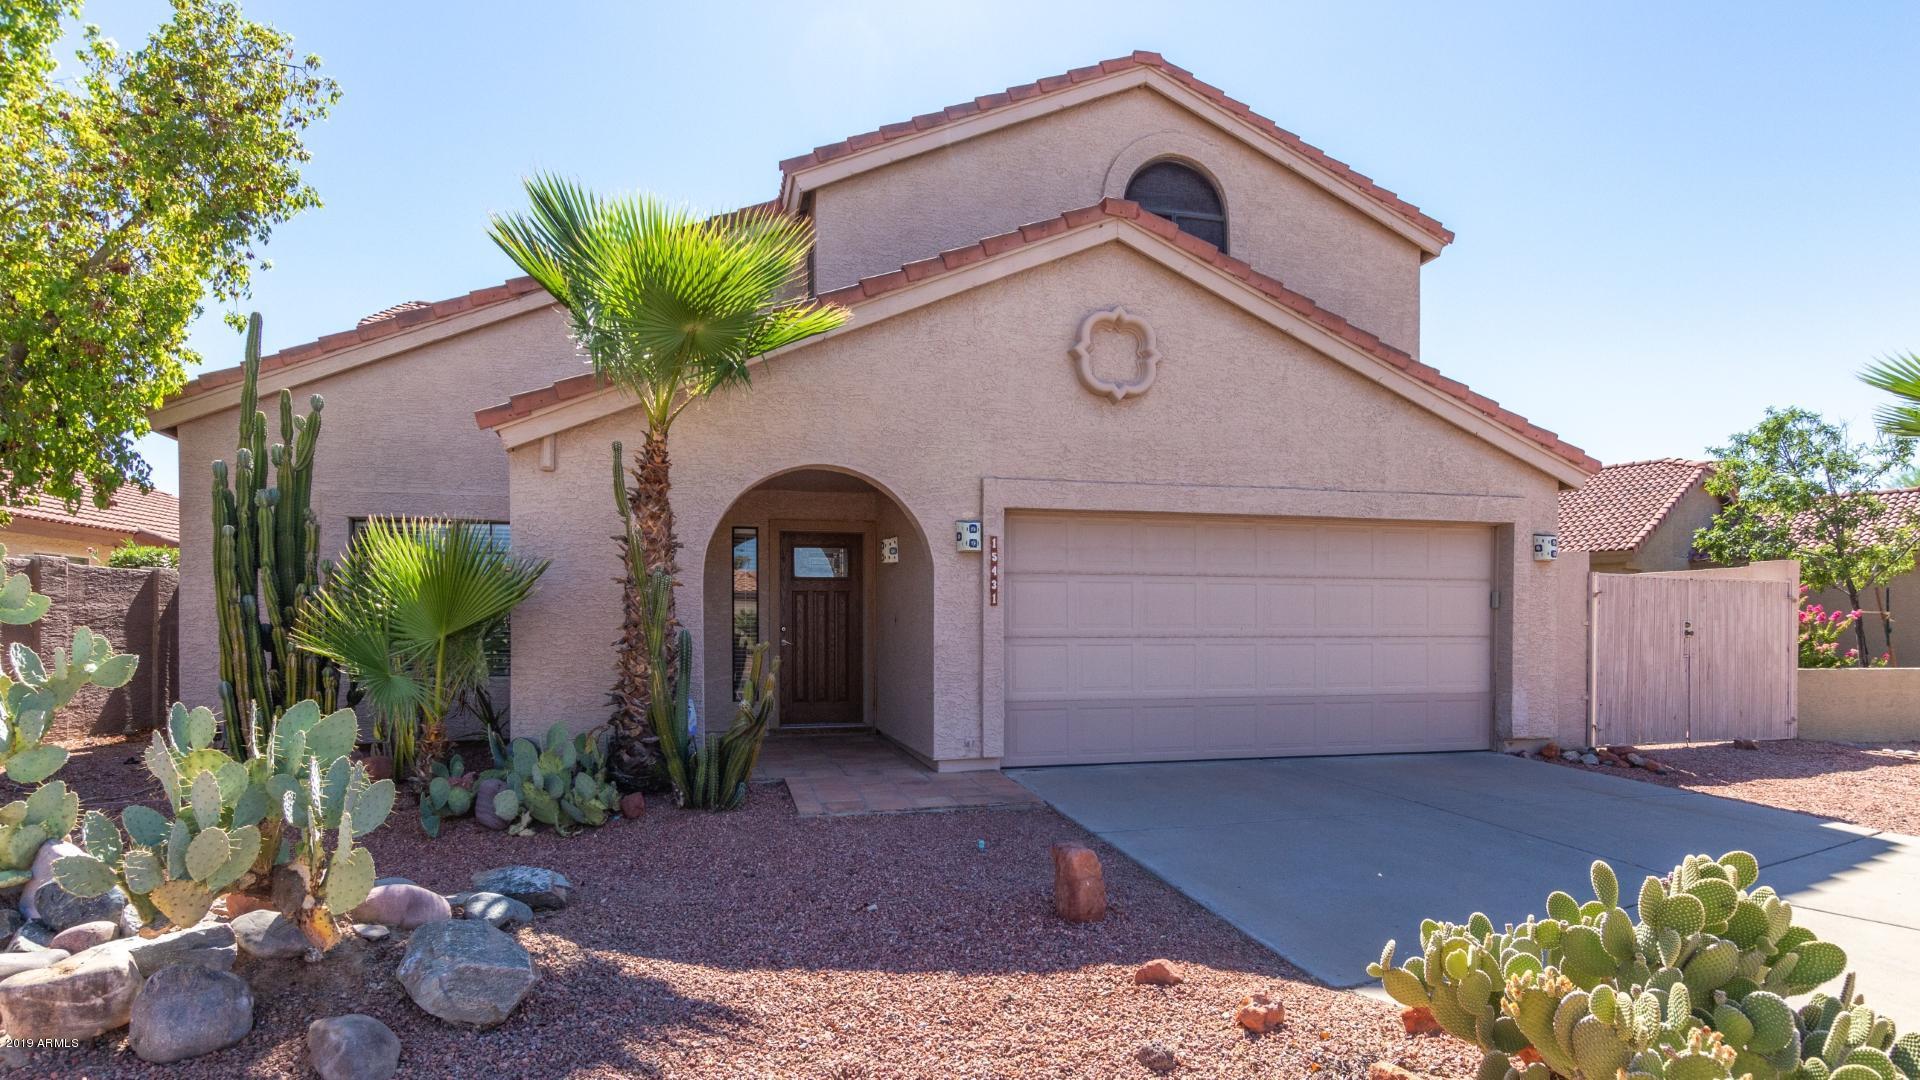 Photo of 15431 S 37TH Place, Phoenix, AZ 85044